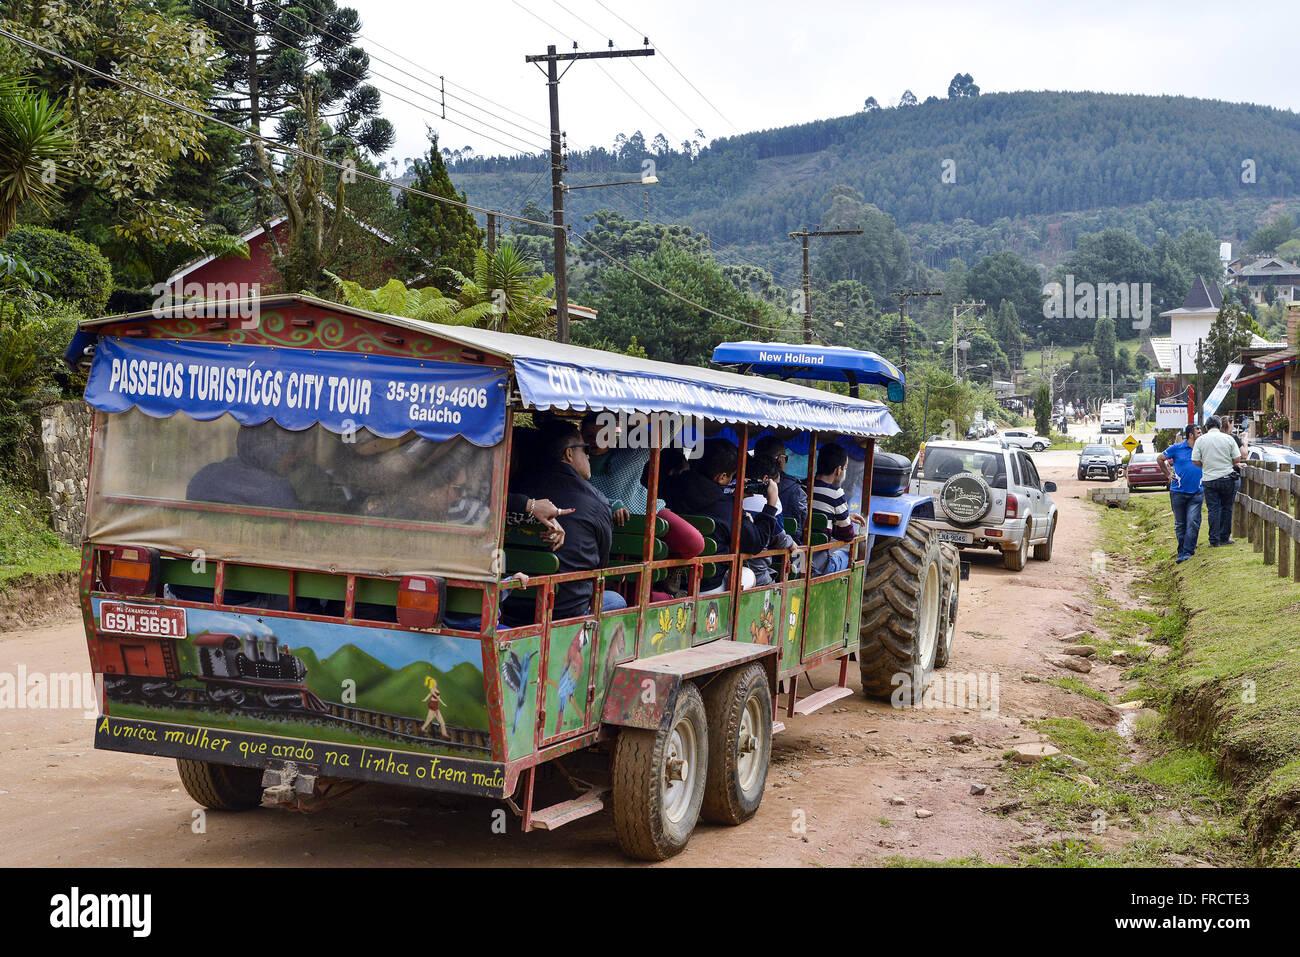 Passeio turístico de Trenzinho da Alegria no distrito de Monte Verde - Stock Image